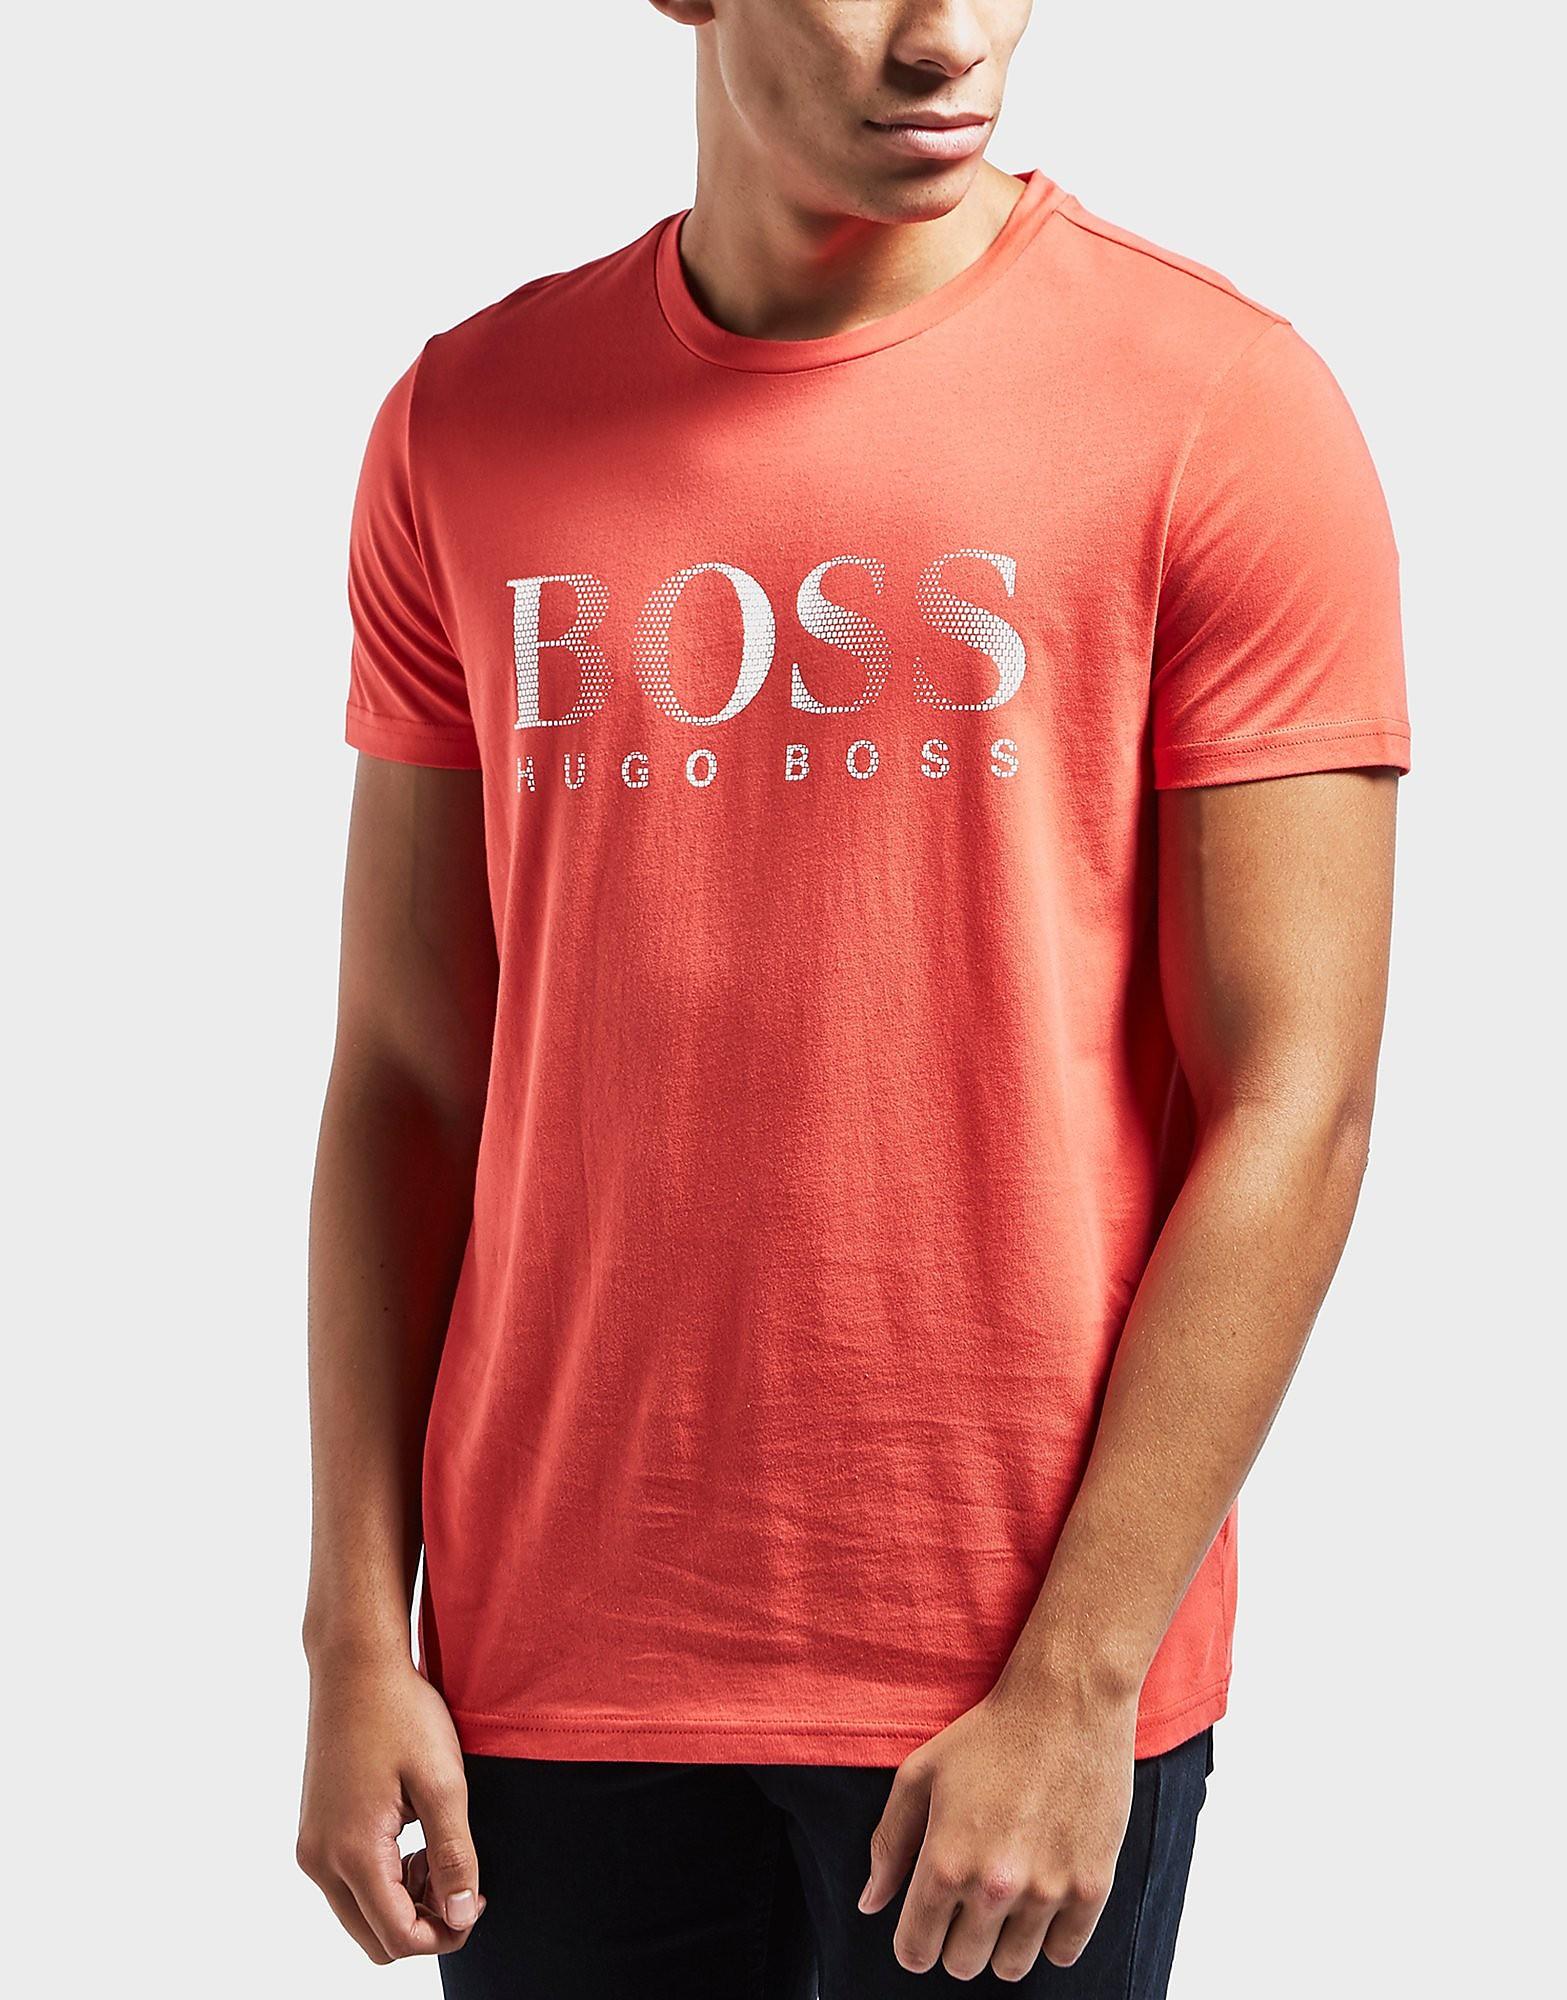 BOSS UV Short Sleeve T-Shirt